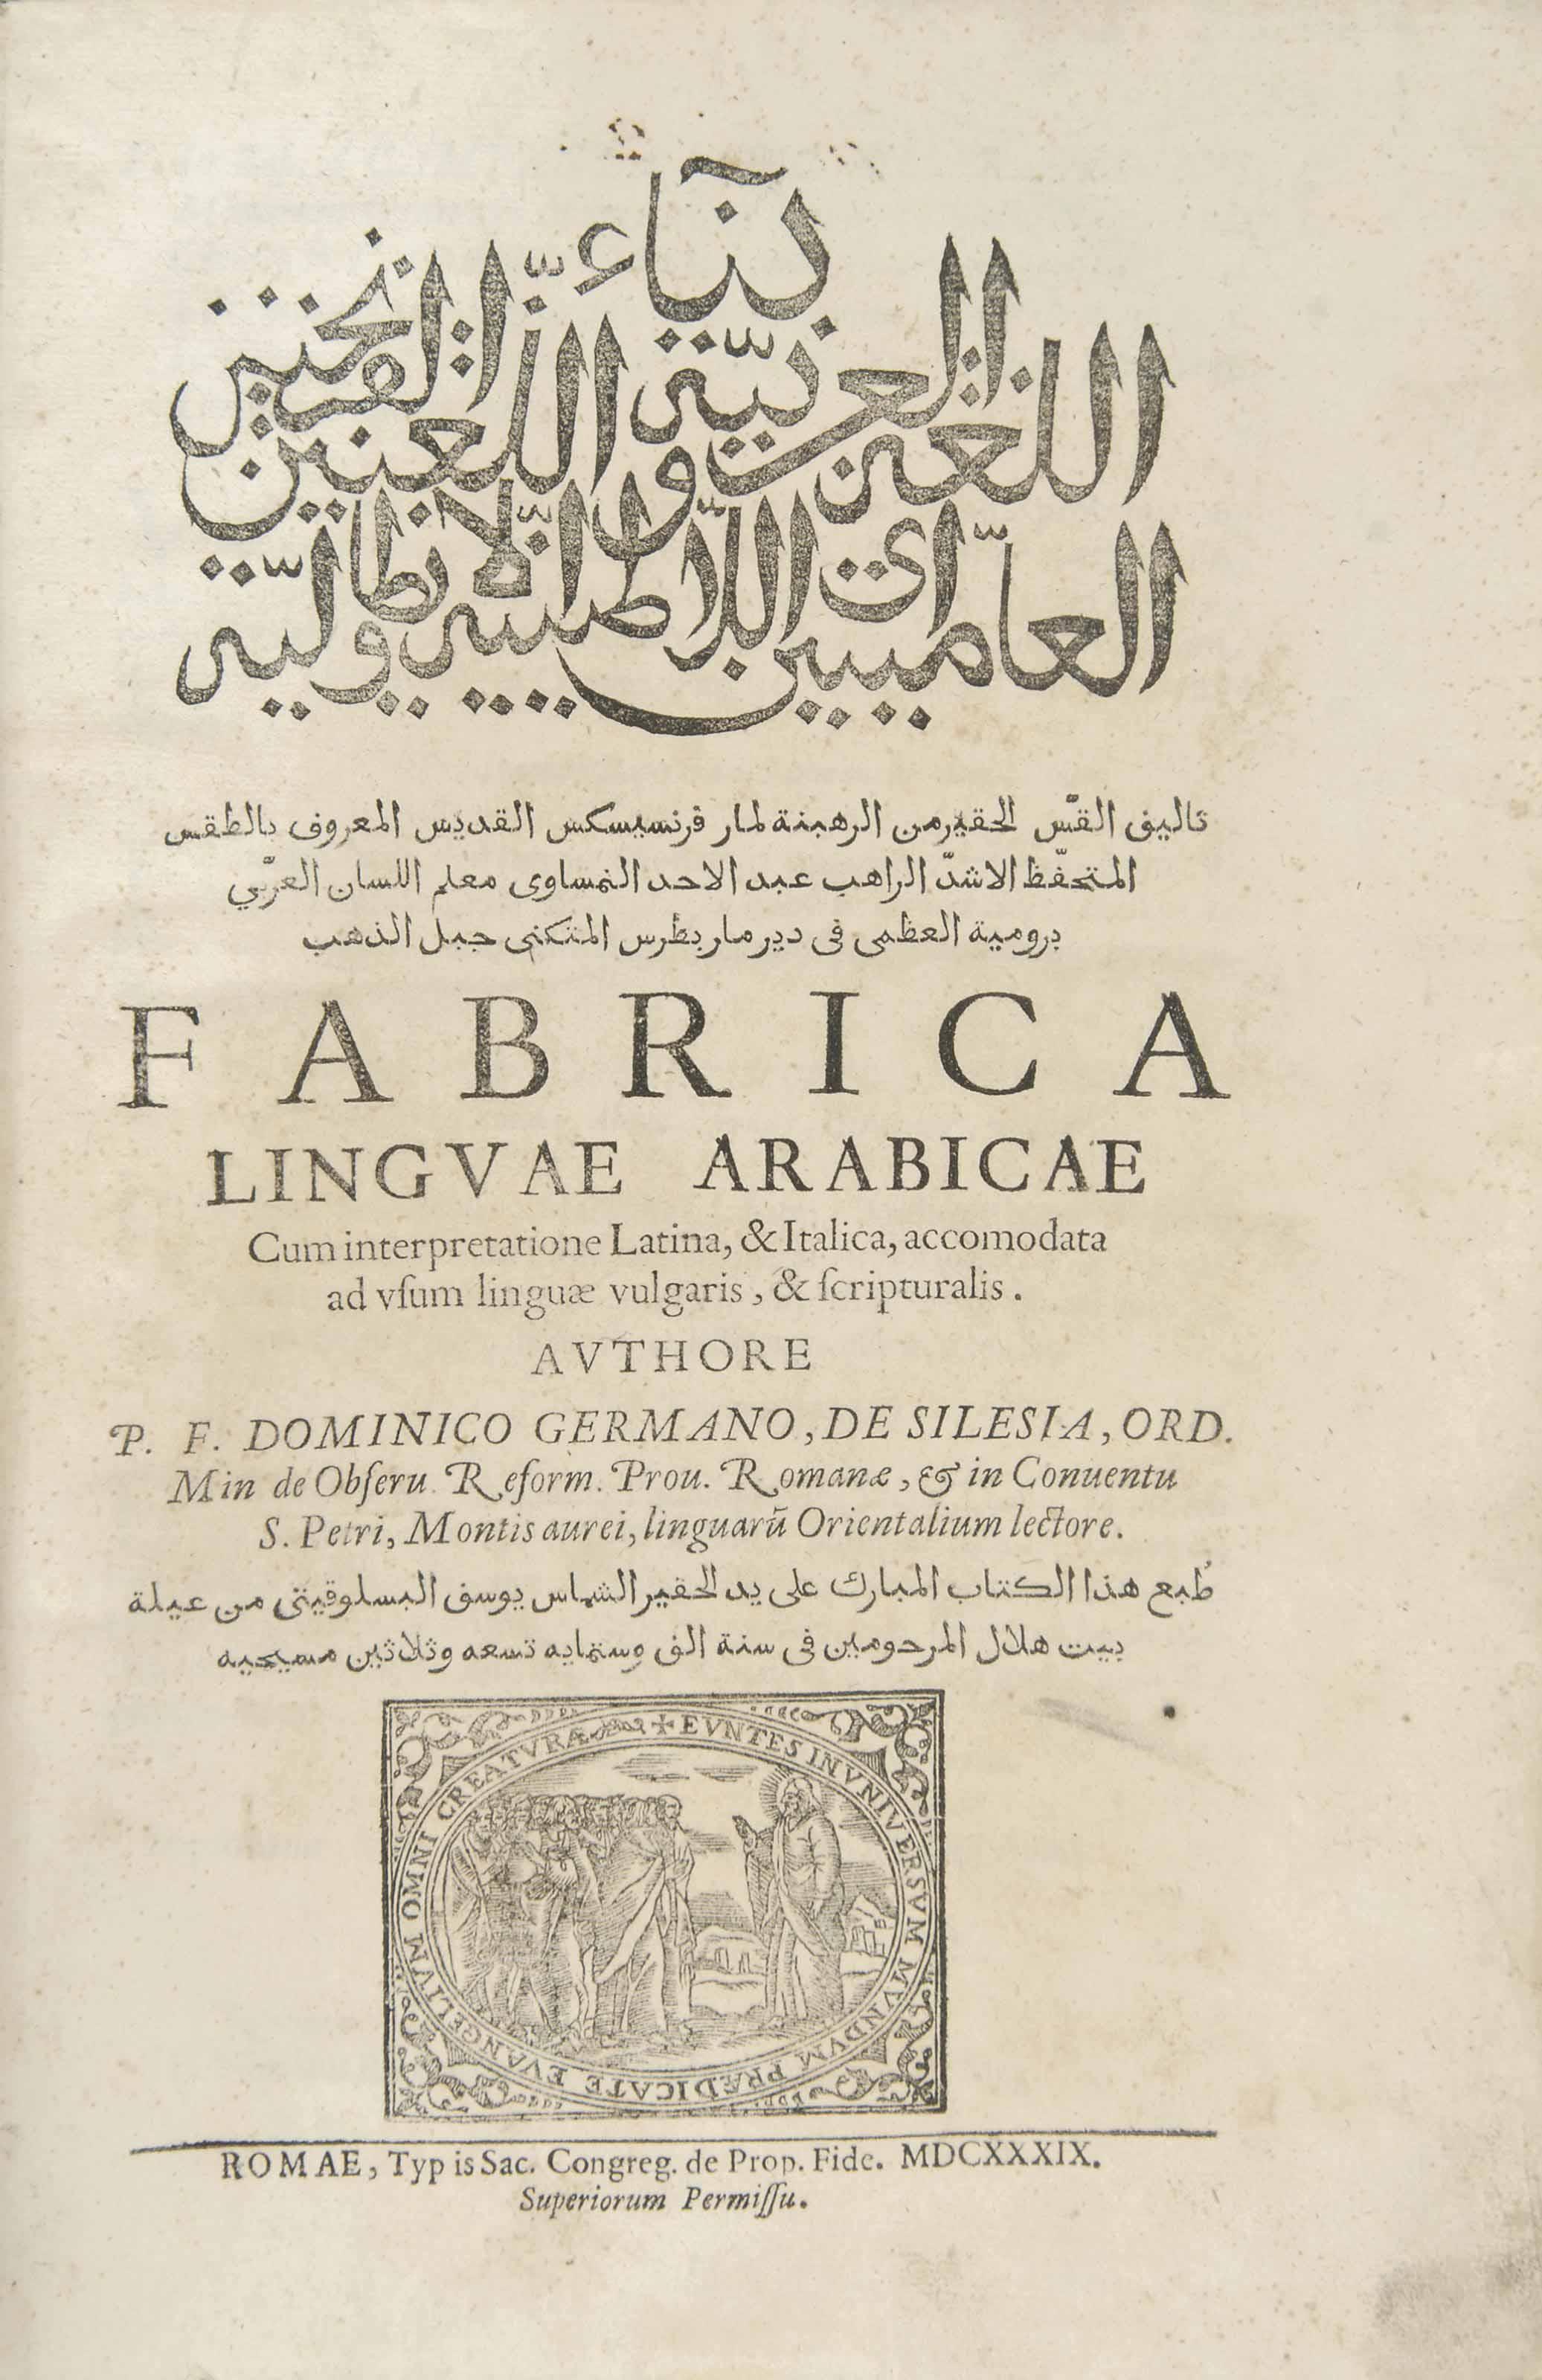 DOMINICUS GERMANUS, DE SILESIA (D.1670): FABRICA LINGUAE ARABICAE CUM INTERPRETATIONE LATINE, & ITALICA; AND OTHER EUROPEAN PRINTED BOOKS IN ARABIC AND LATIN